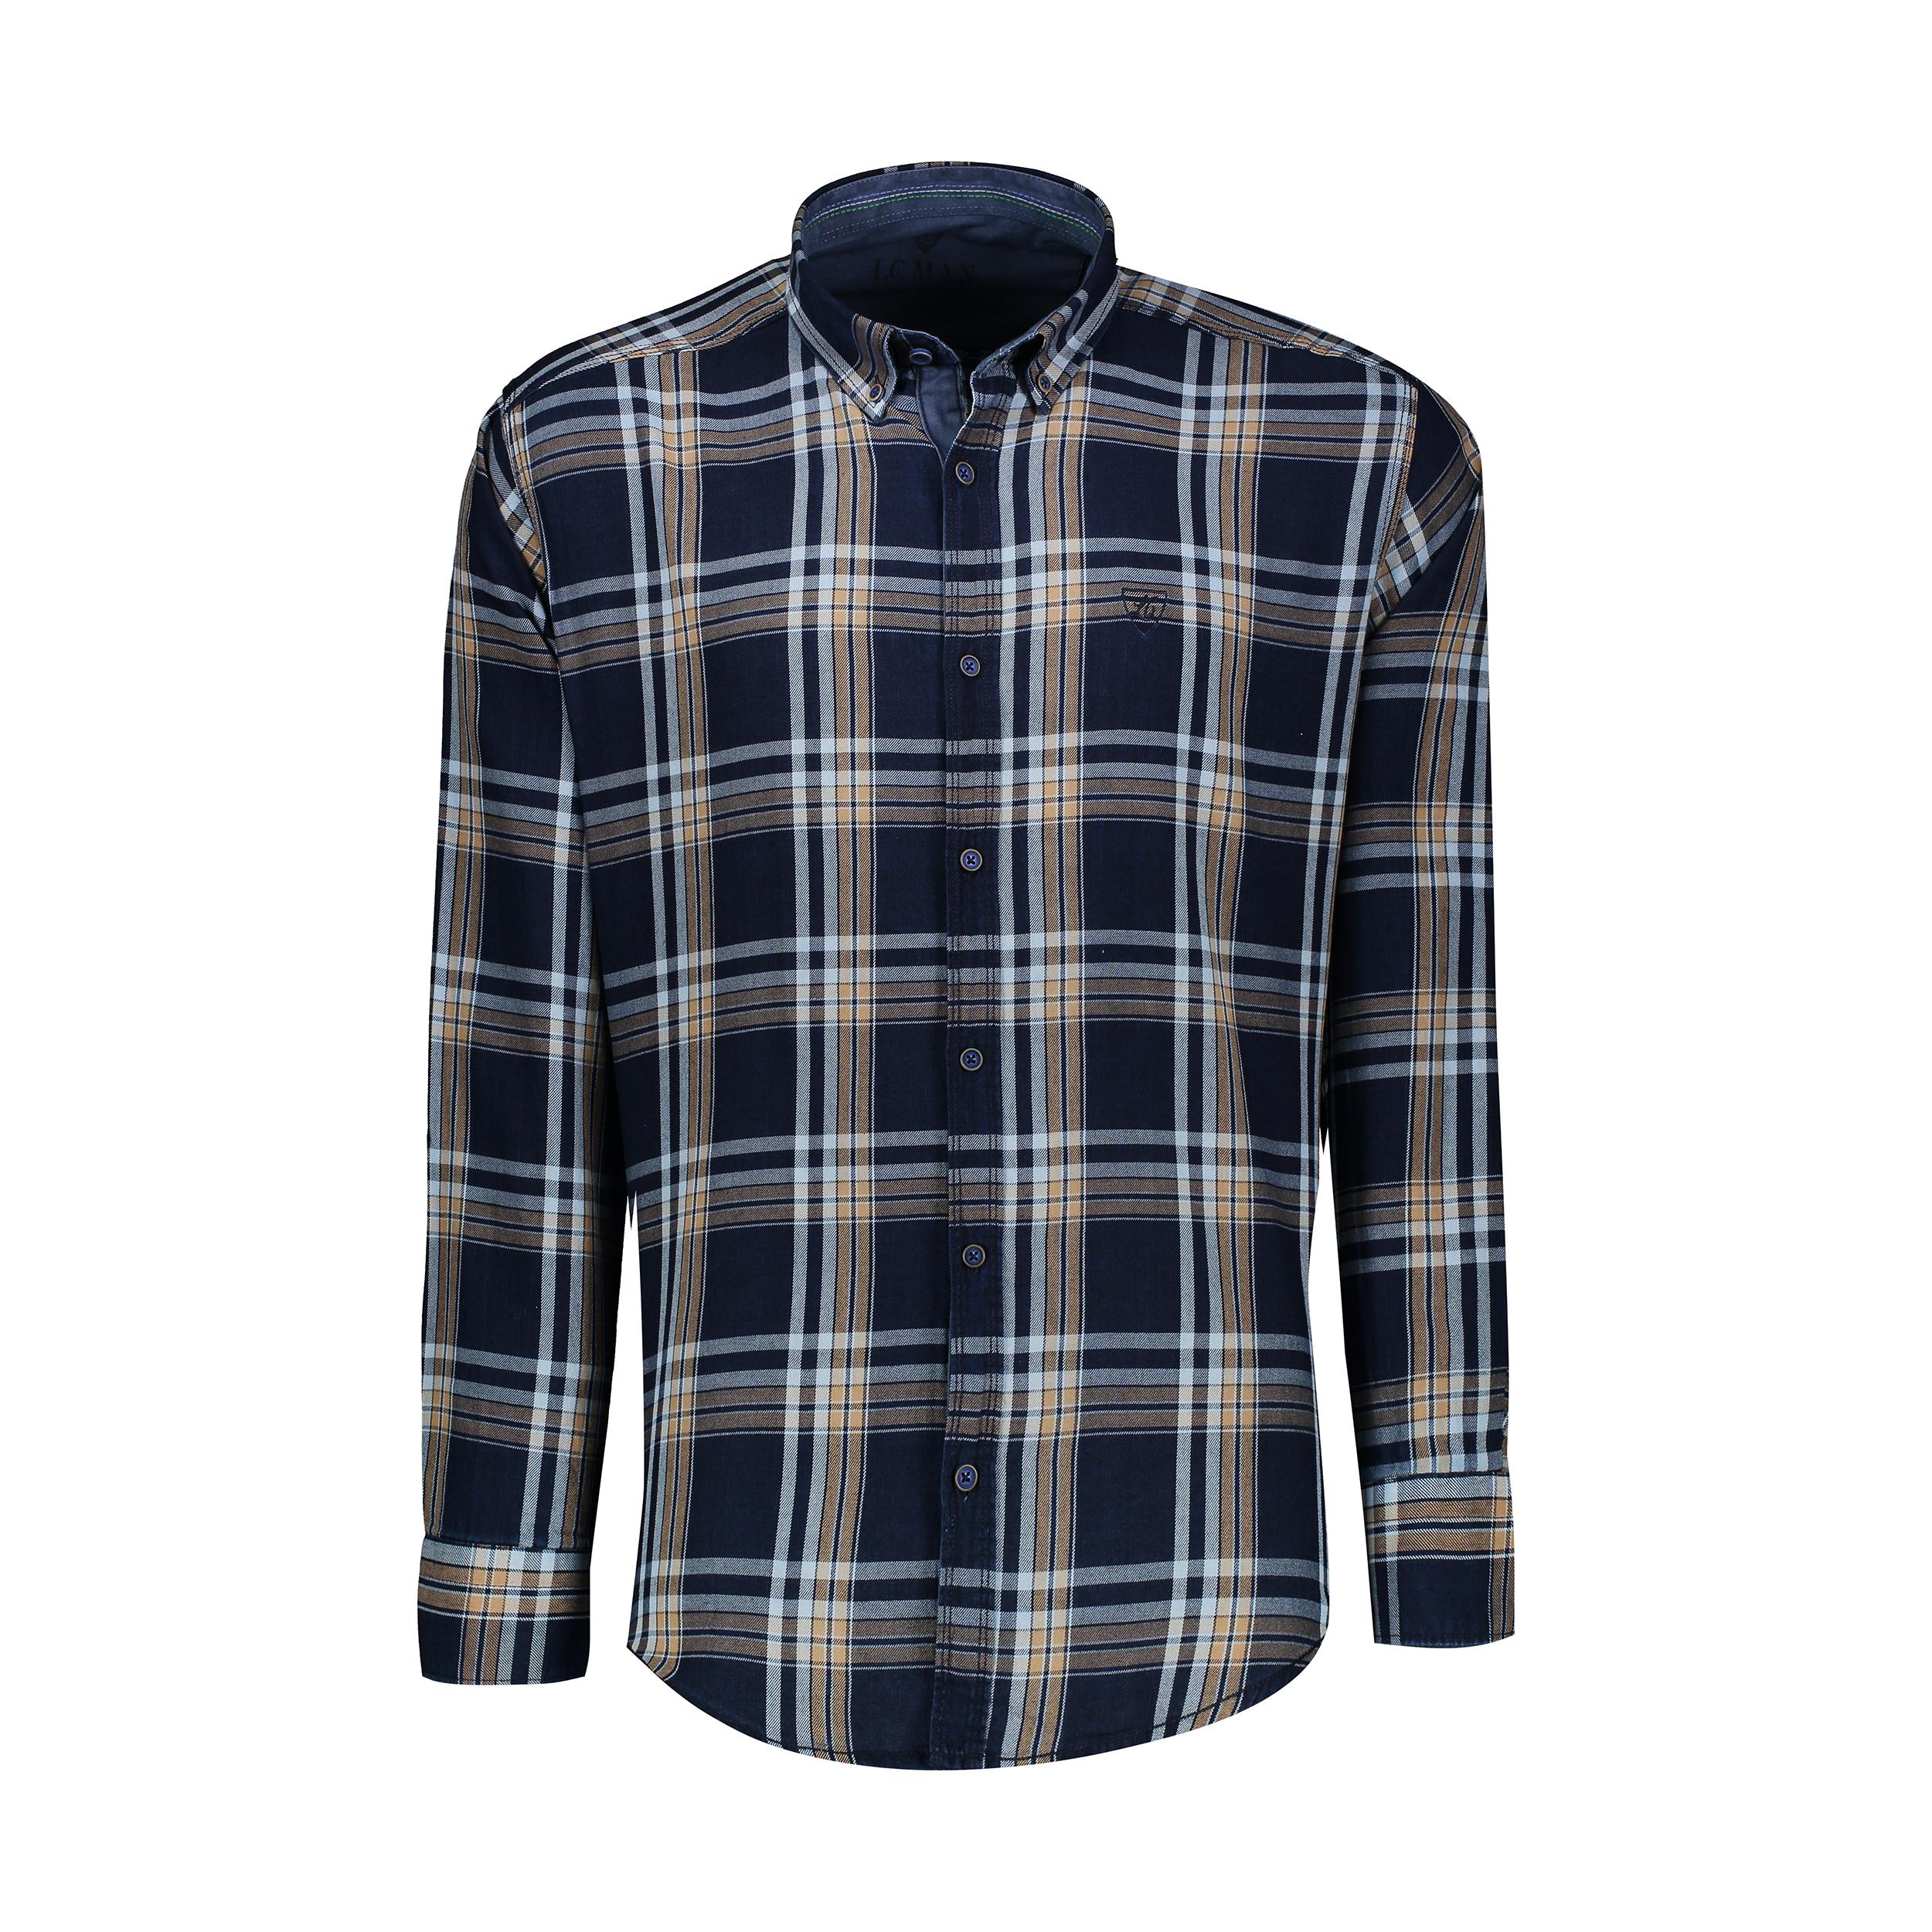 پیراهن آستین بلند مردانه ال سی من مدل 02141079-056